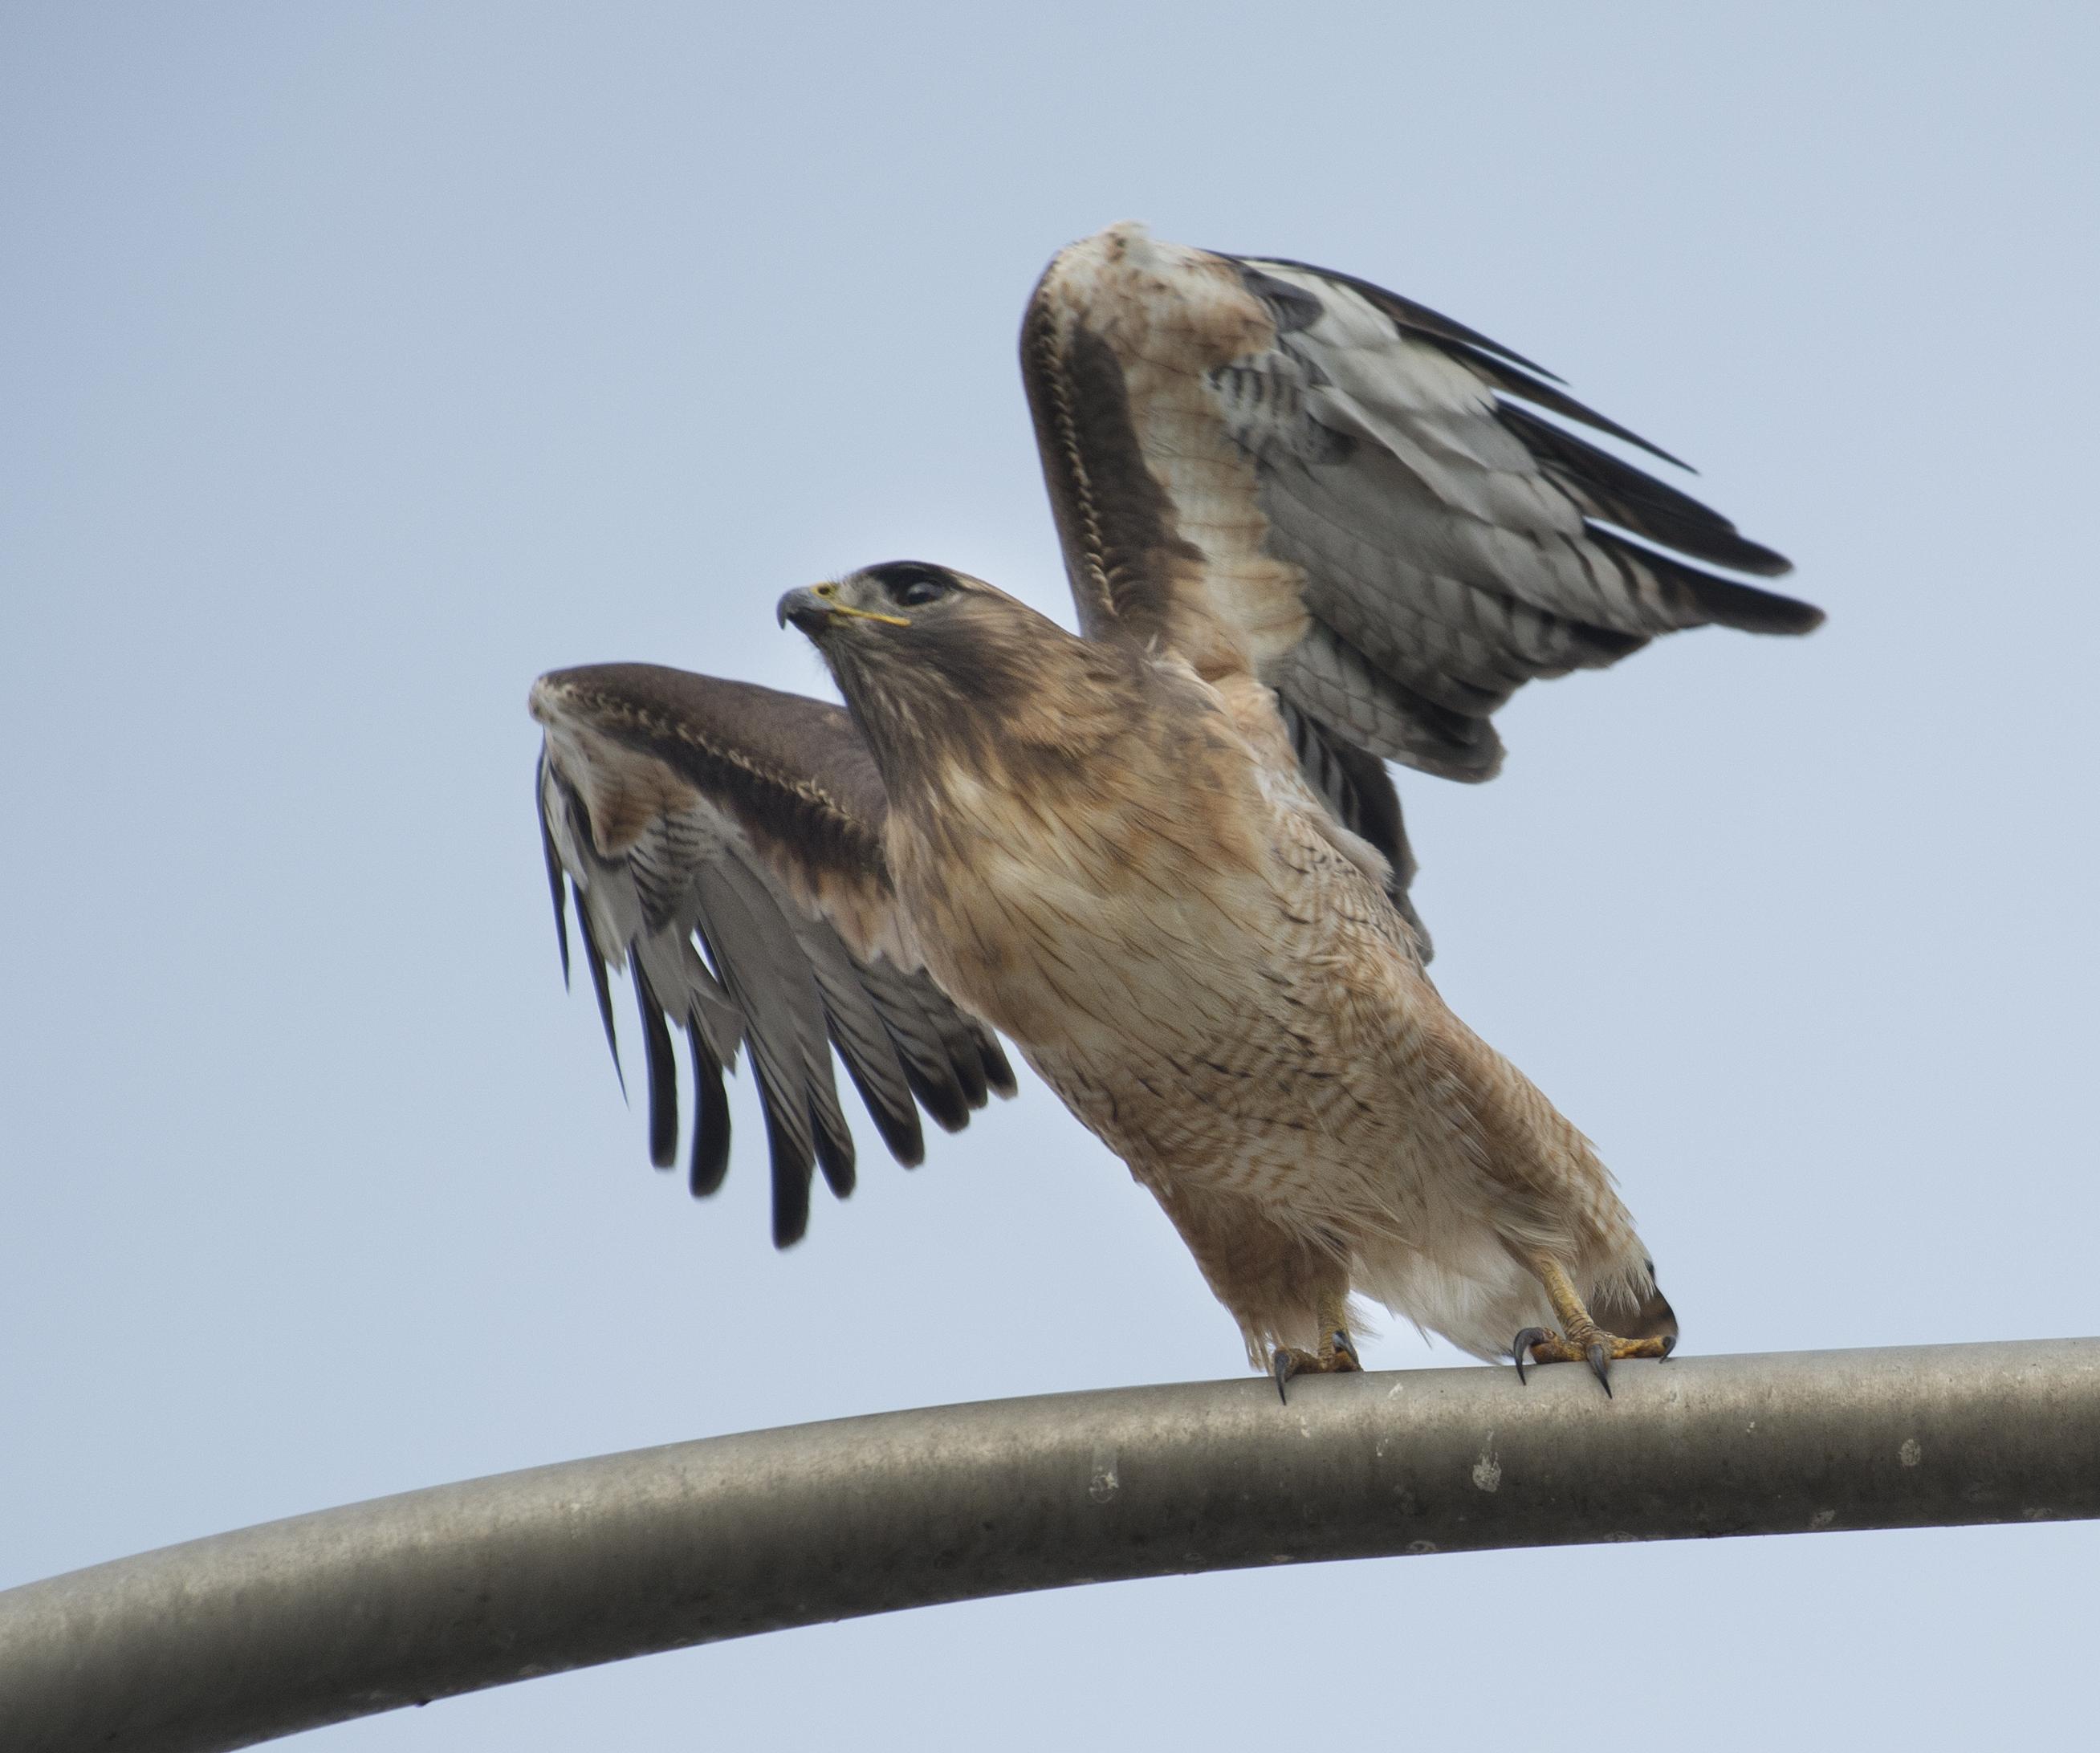 Hawk Takes Flight